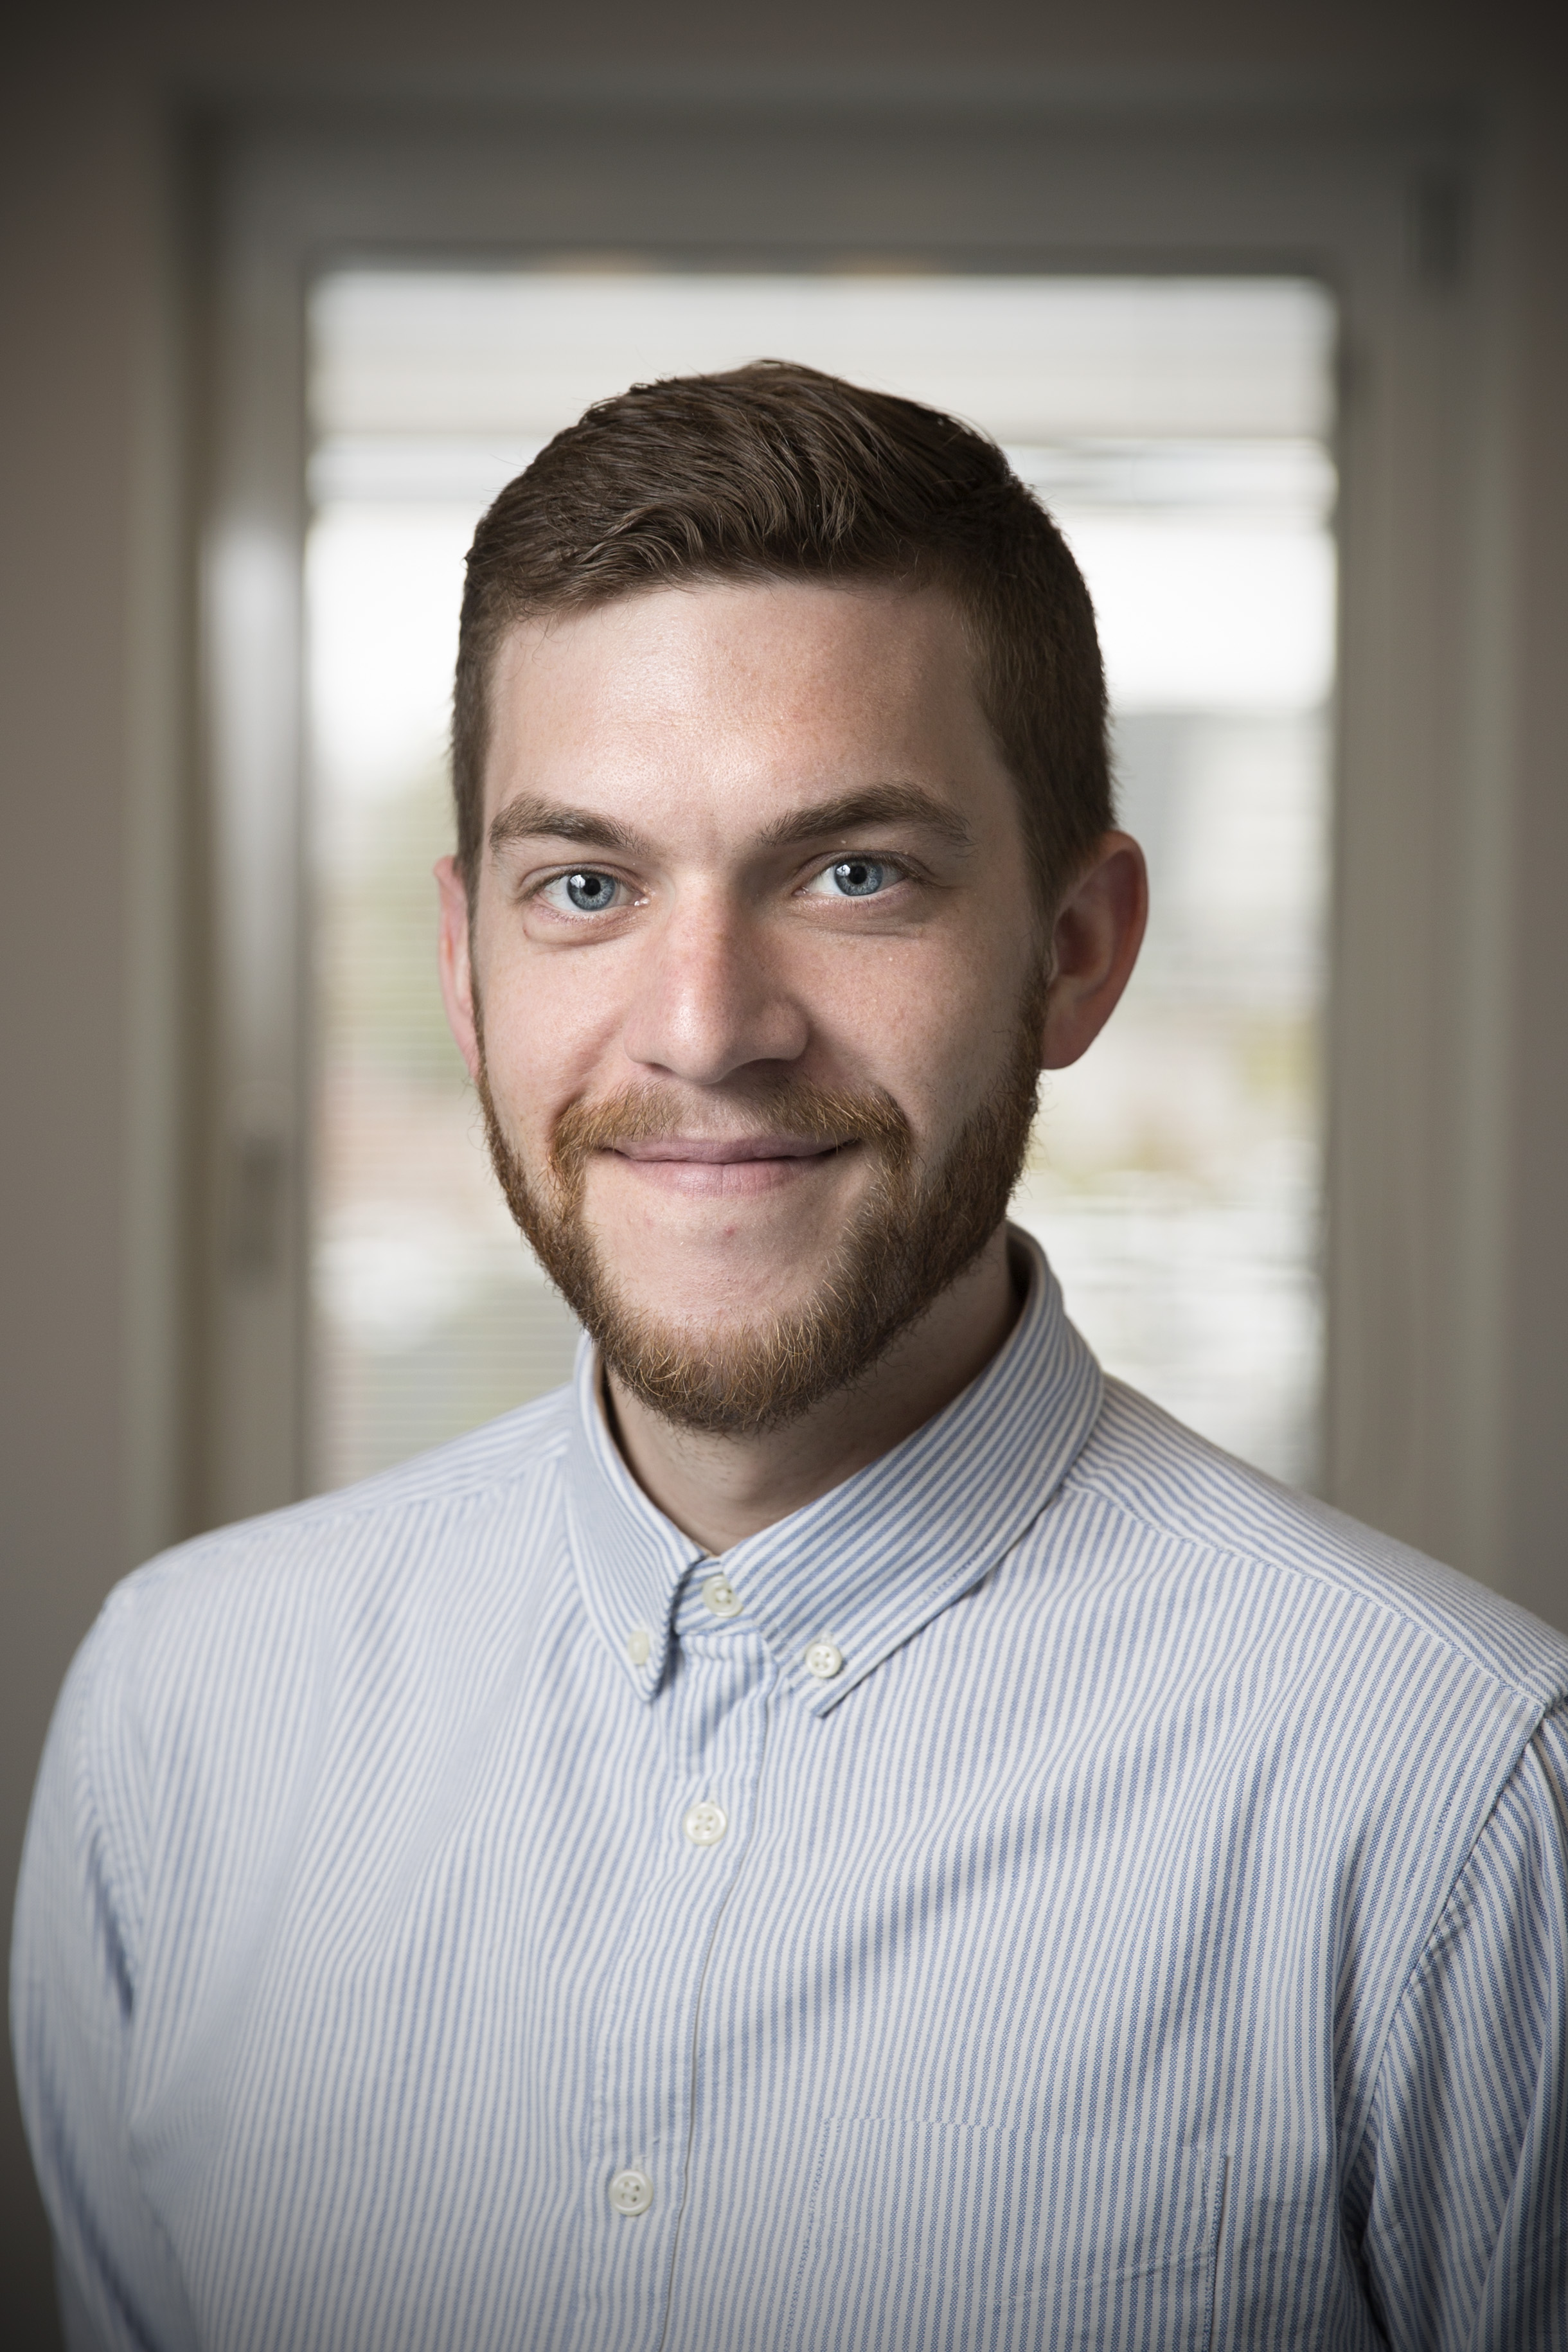 Christian Reuss Mikkelsen